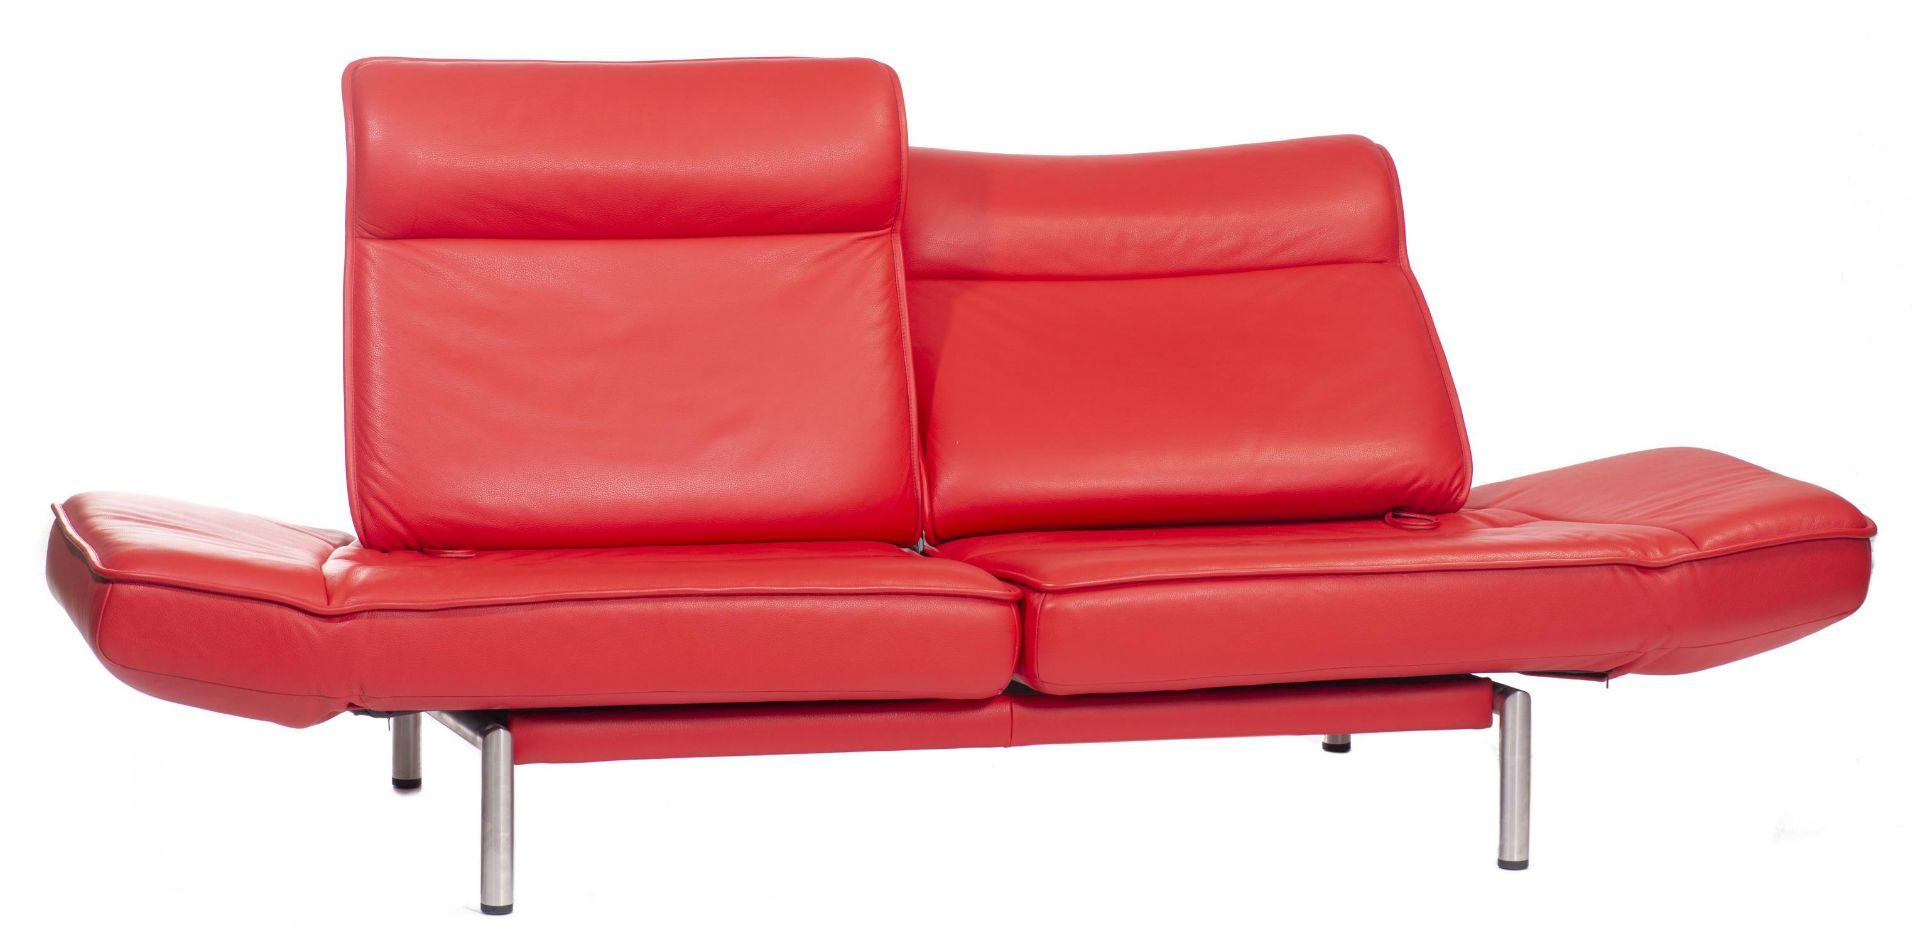 Thomas Althaus, canapé de Sède, modèle ds-450 - Bild 5 aus 10